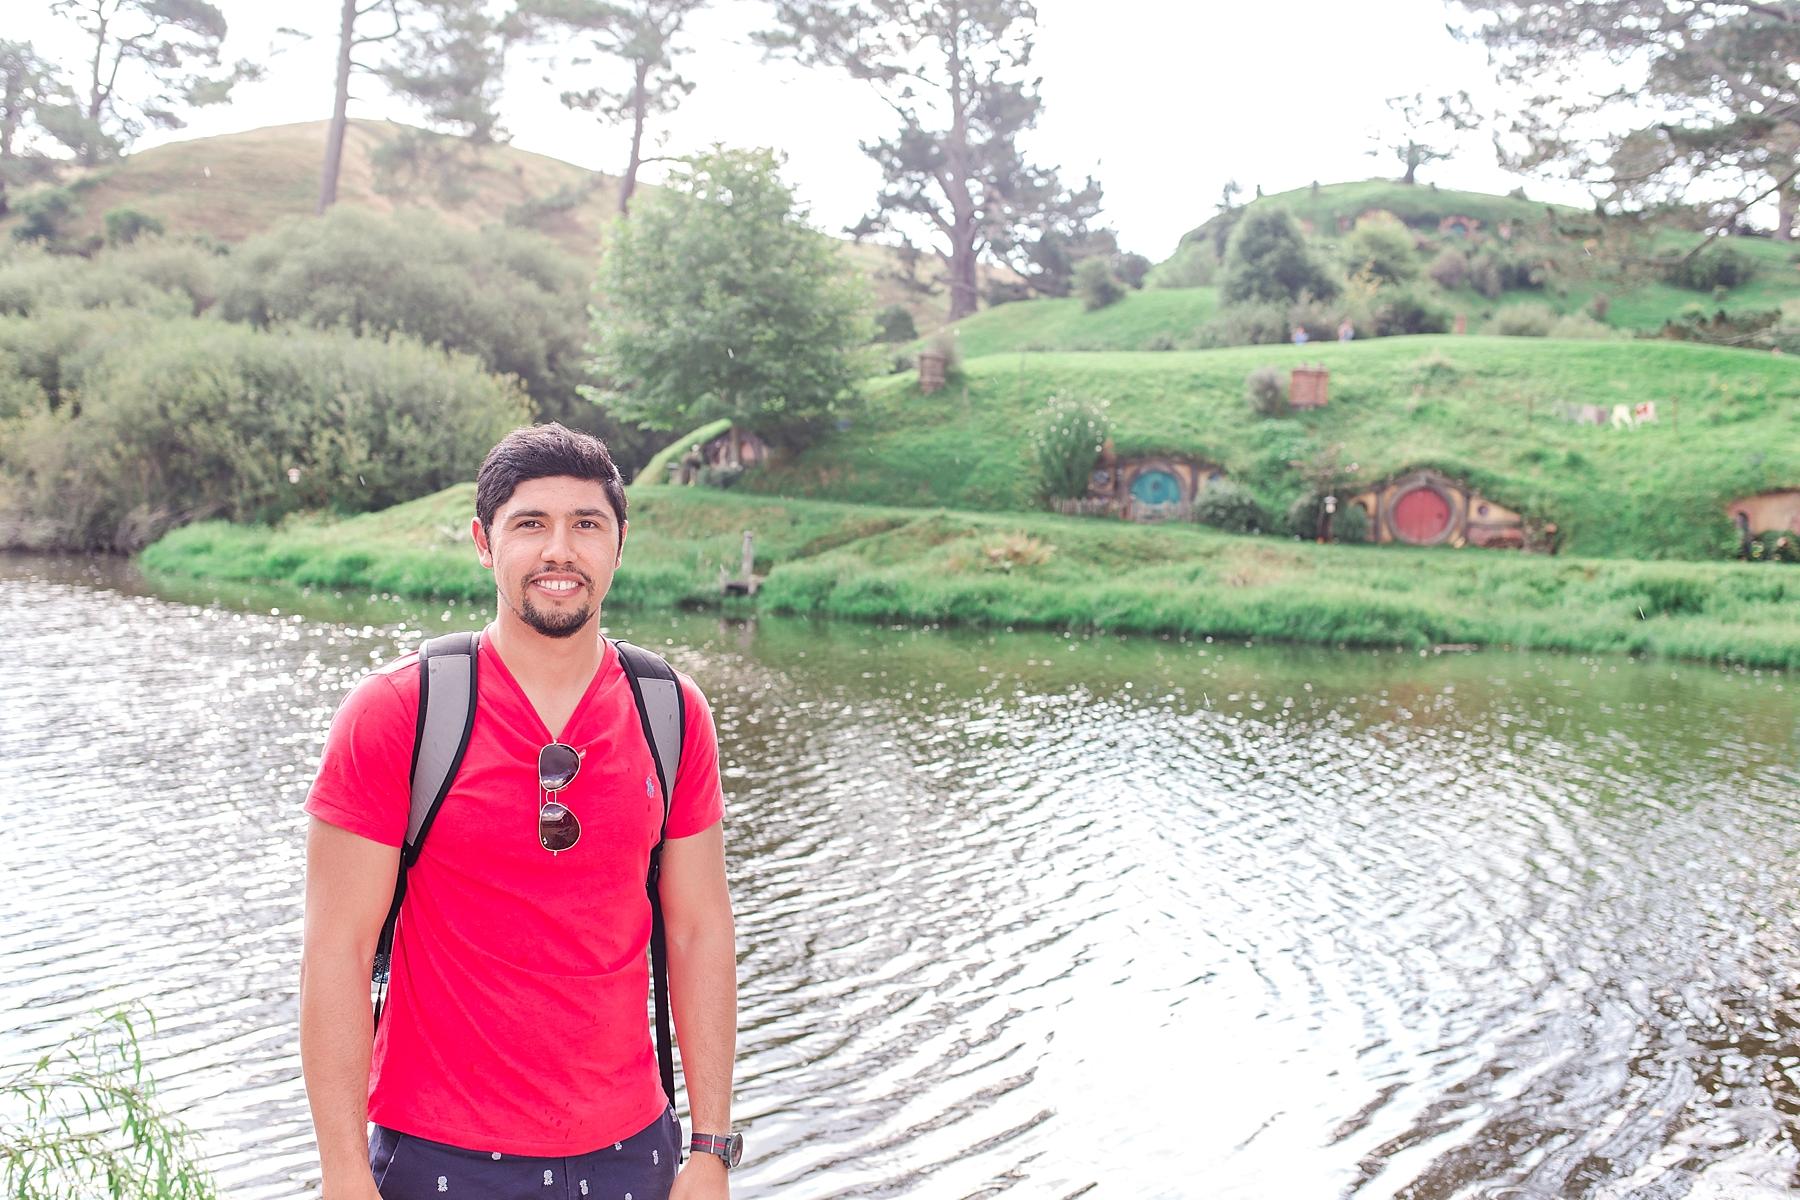 hobbiton-movie-set-matamata-hamilton-north-island-new-zealand-scenery_0268.jpg